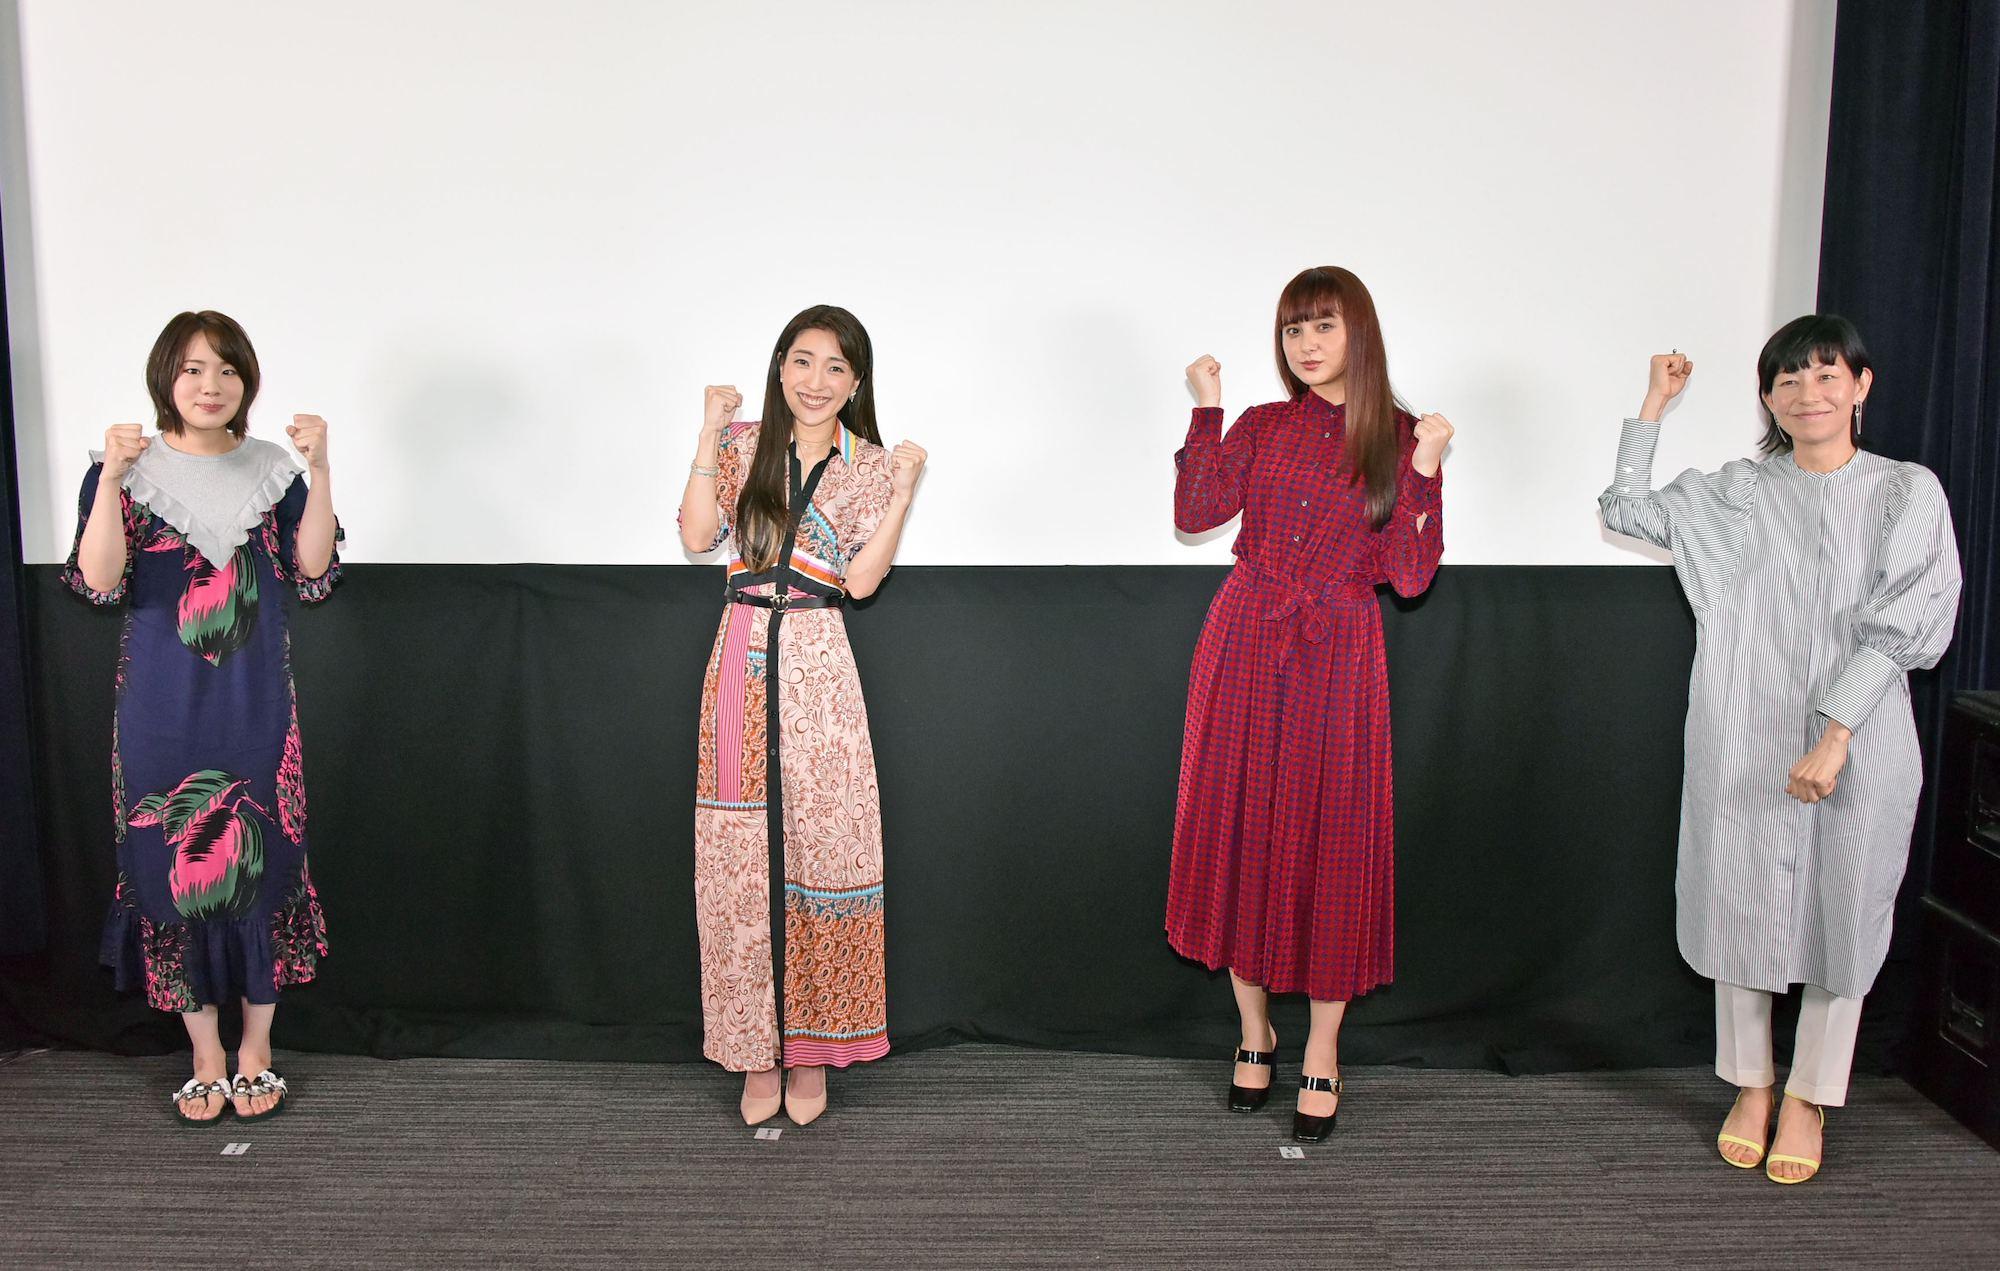 映画「いけいけ!バカオンナ~我が道を行け~」完成披露記者会見/2020年6月29日(月)映画美学校試写室にて